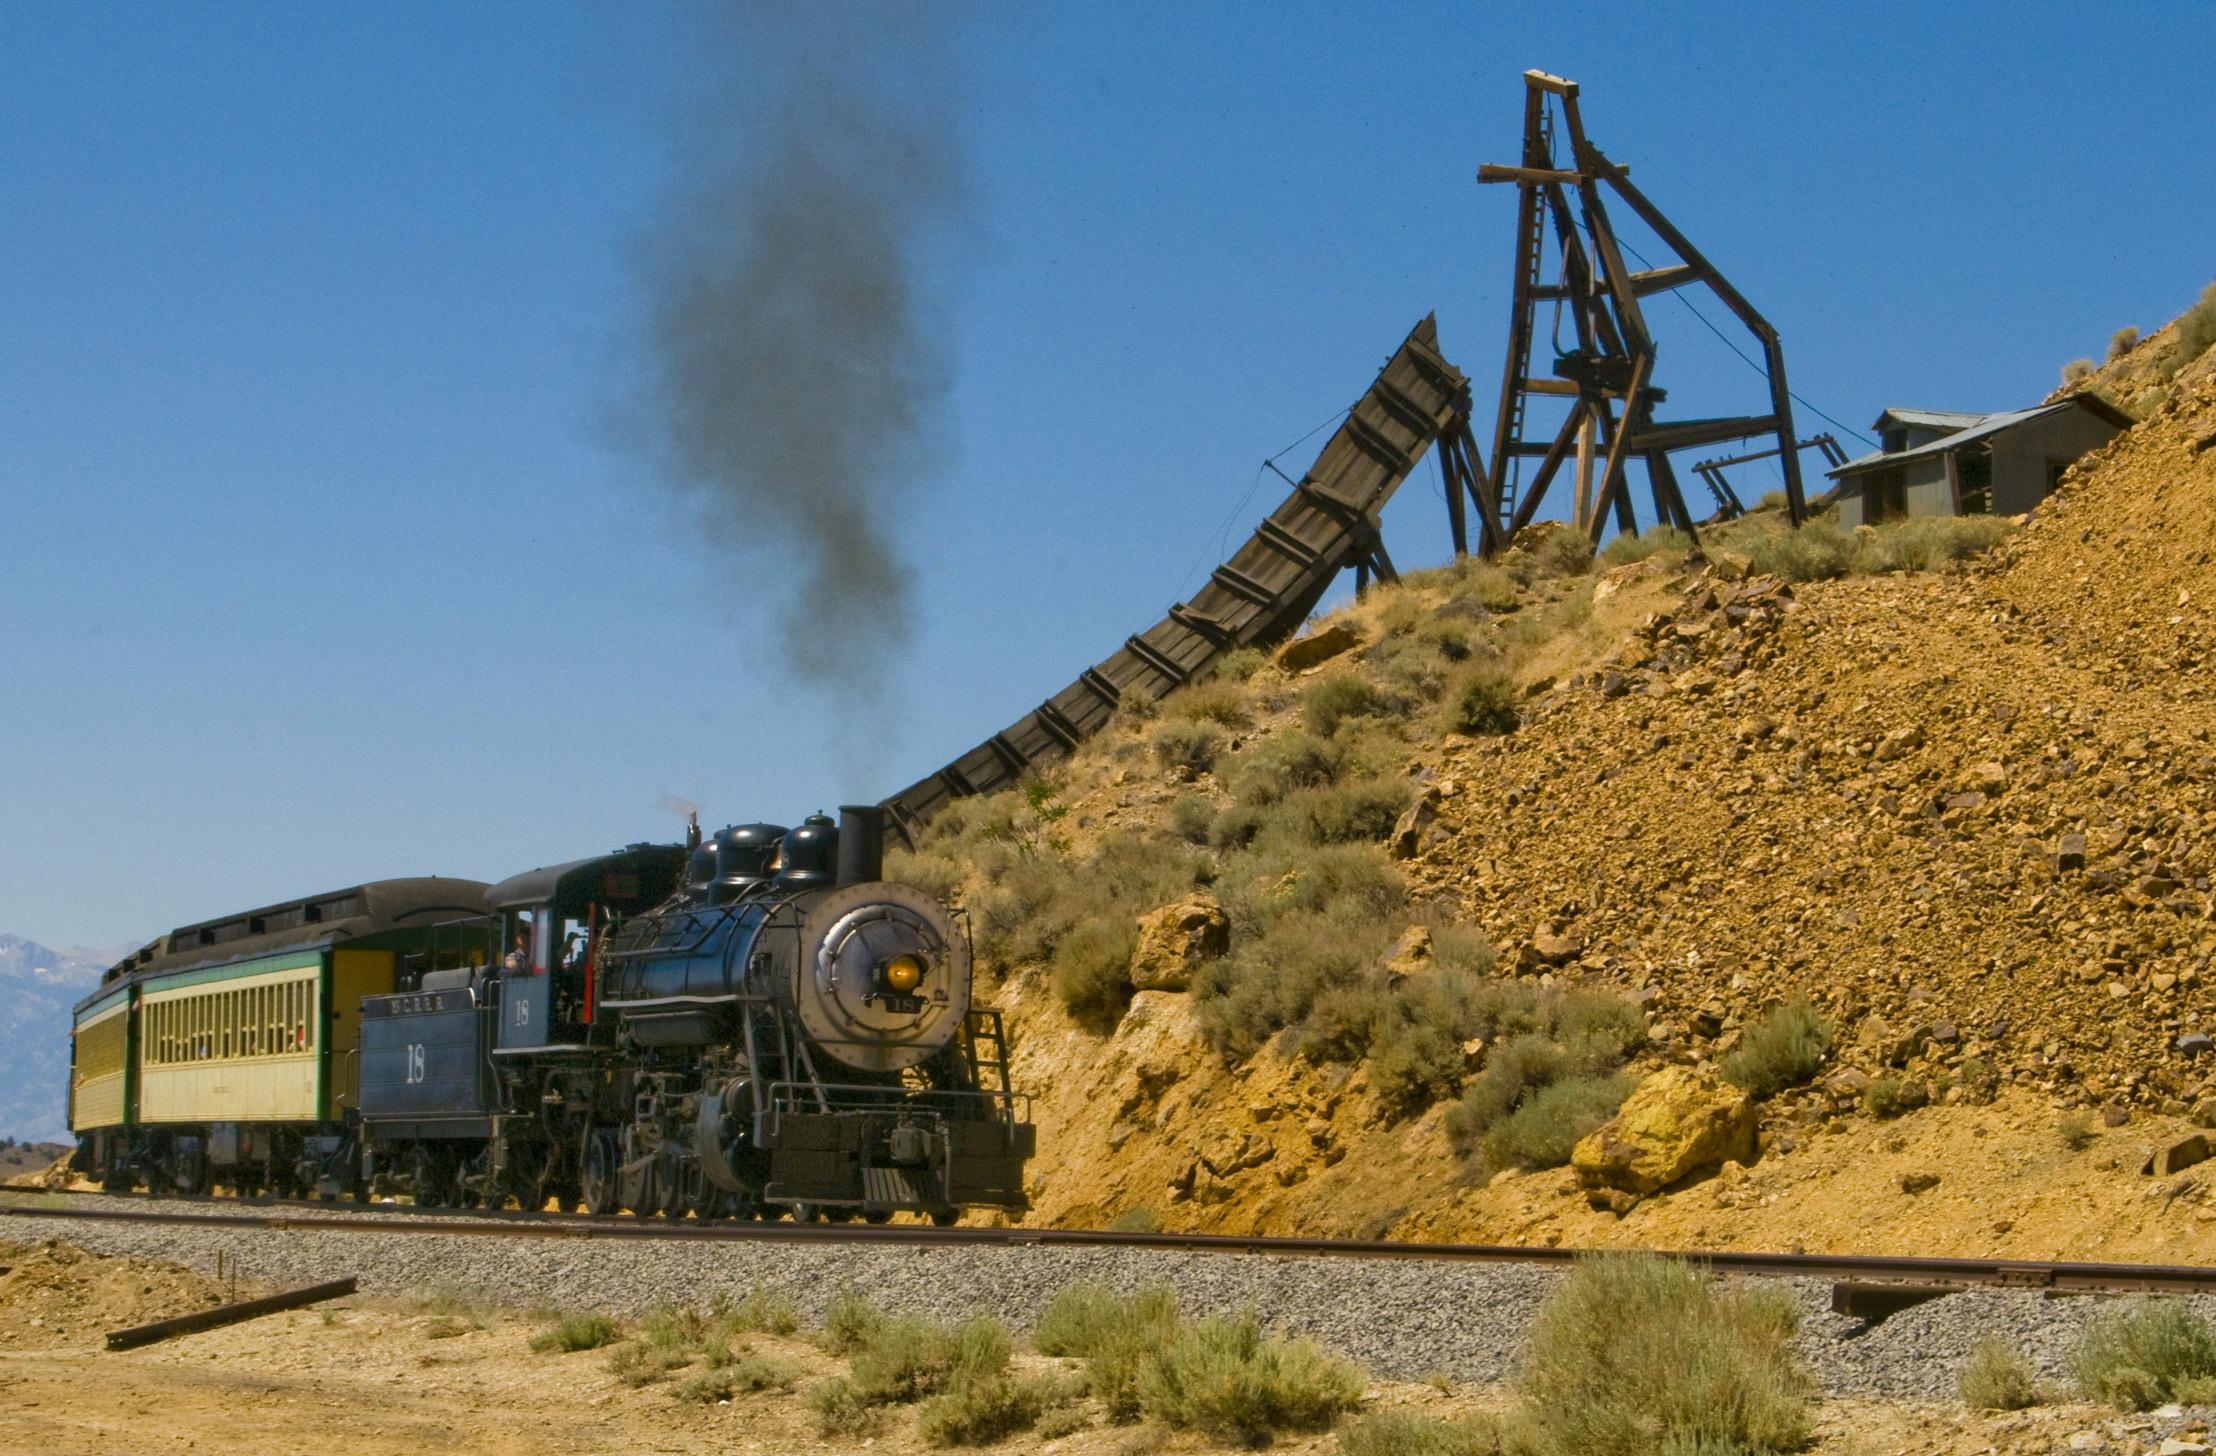 Virginia and Truckee Railroad, Nevada